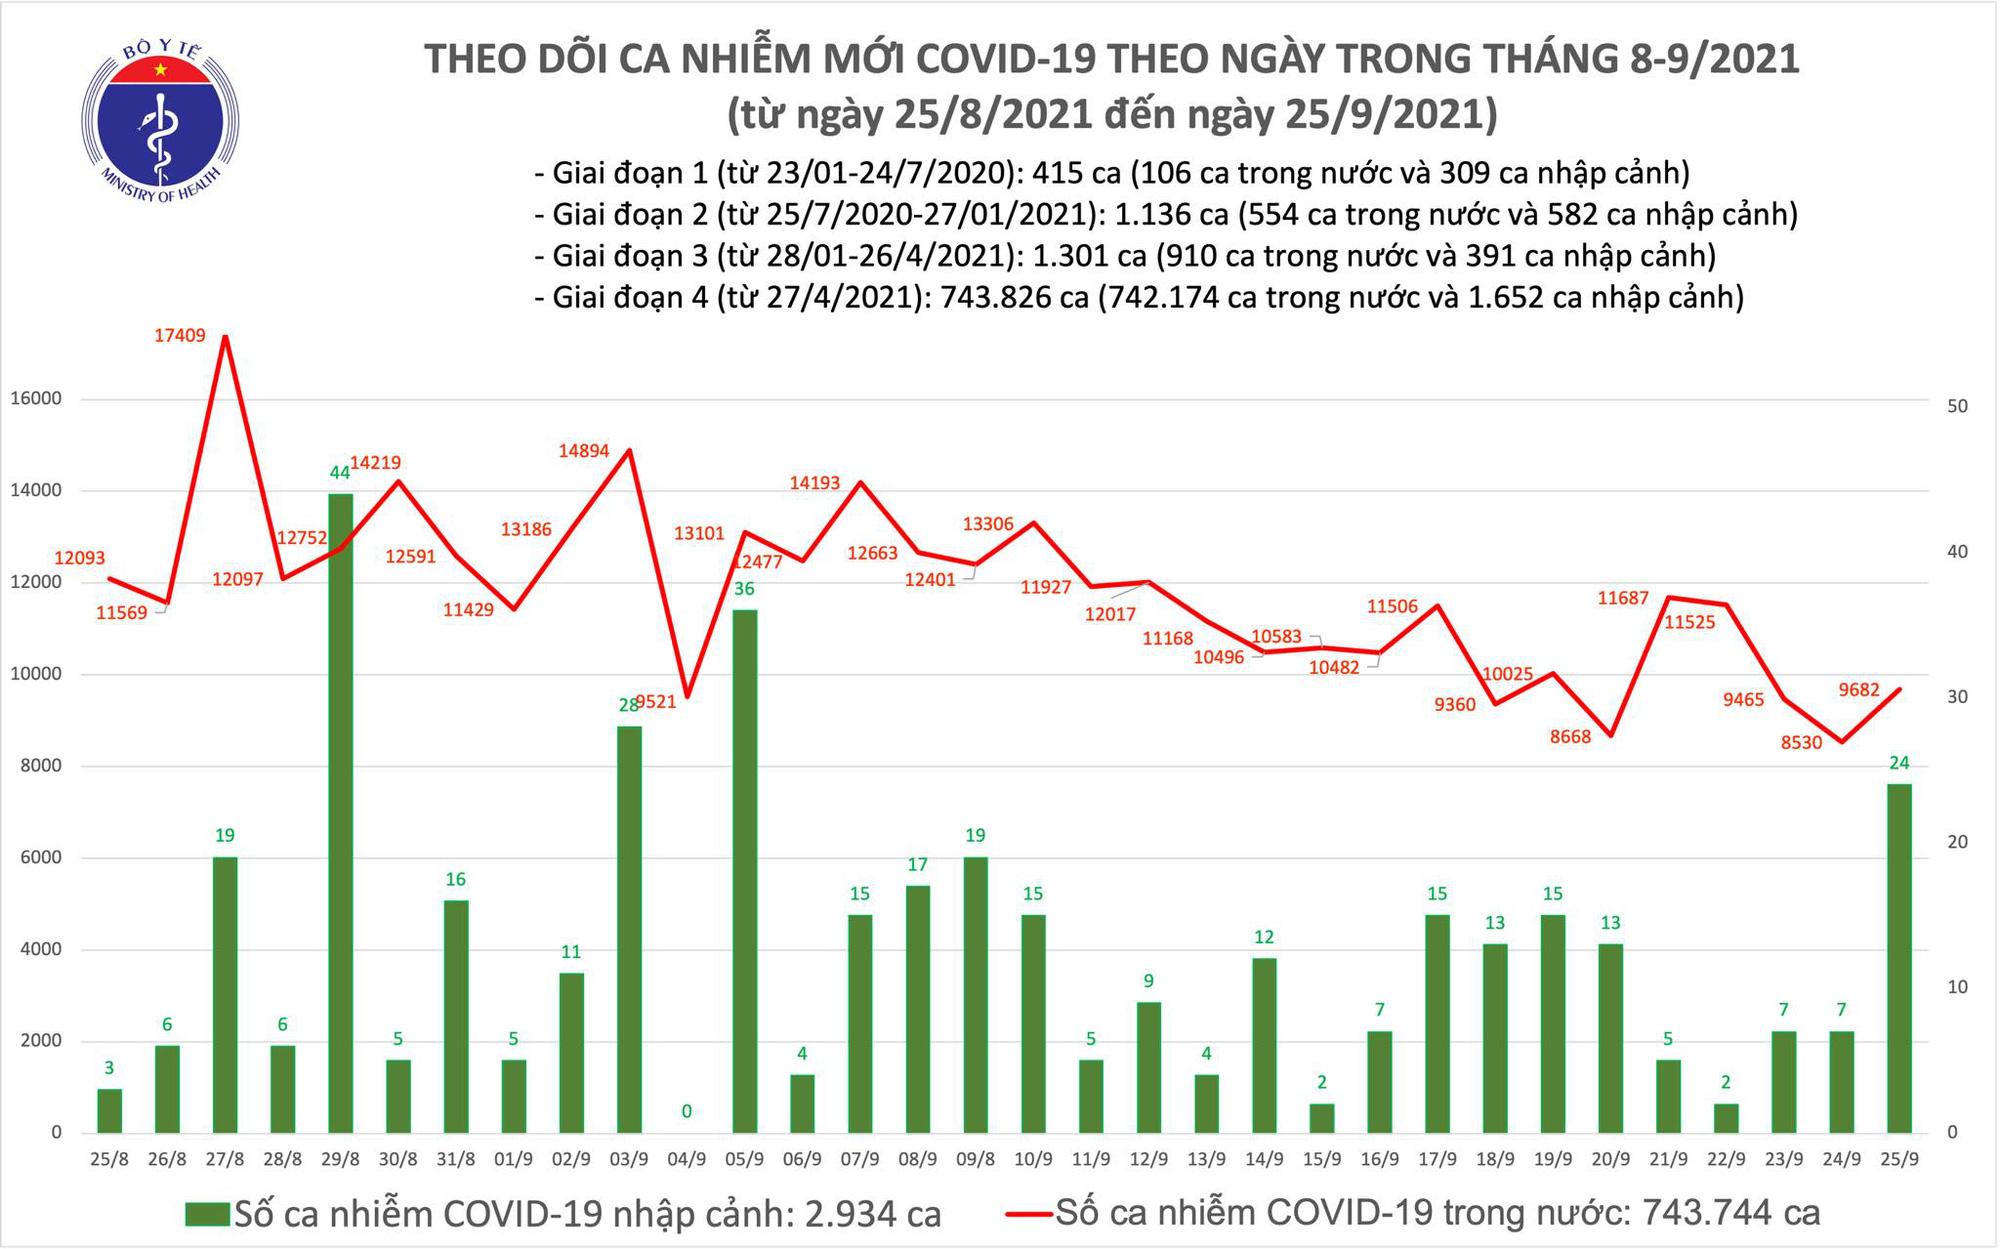 Ngày 25/9: Có 9.706 ca mắc COVID-19, trong đó TP HCM và Bình Dương đã ghi nhận 7.675 ca - Ảnh 2.